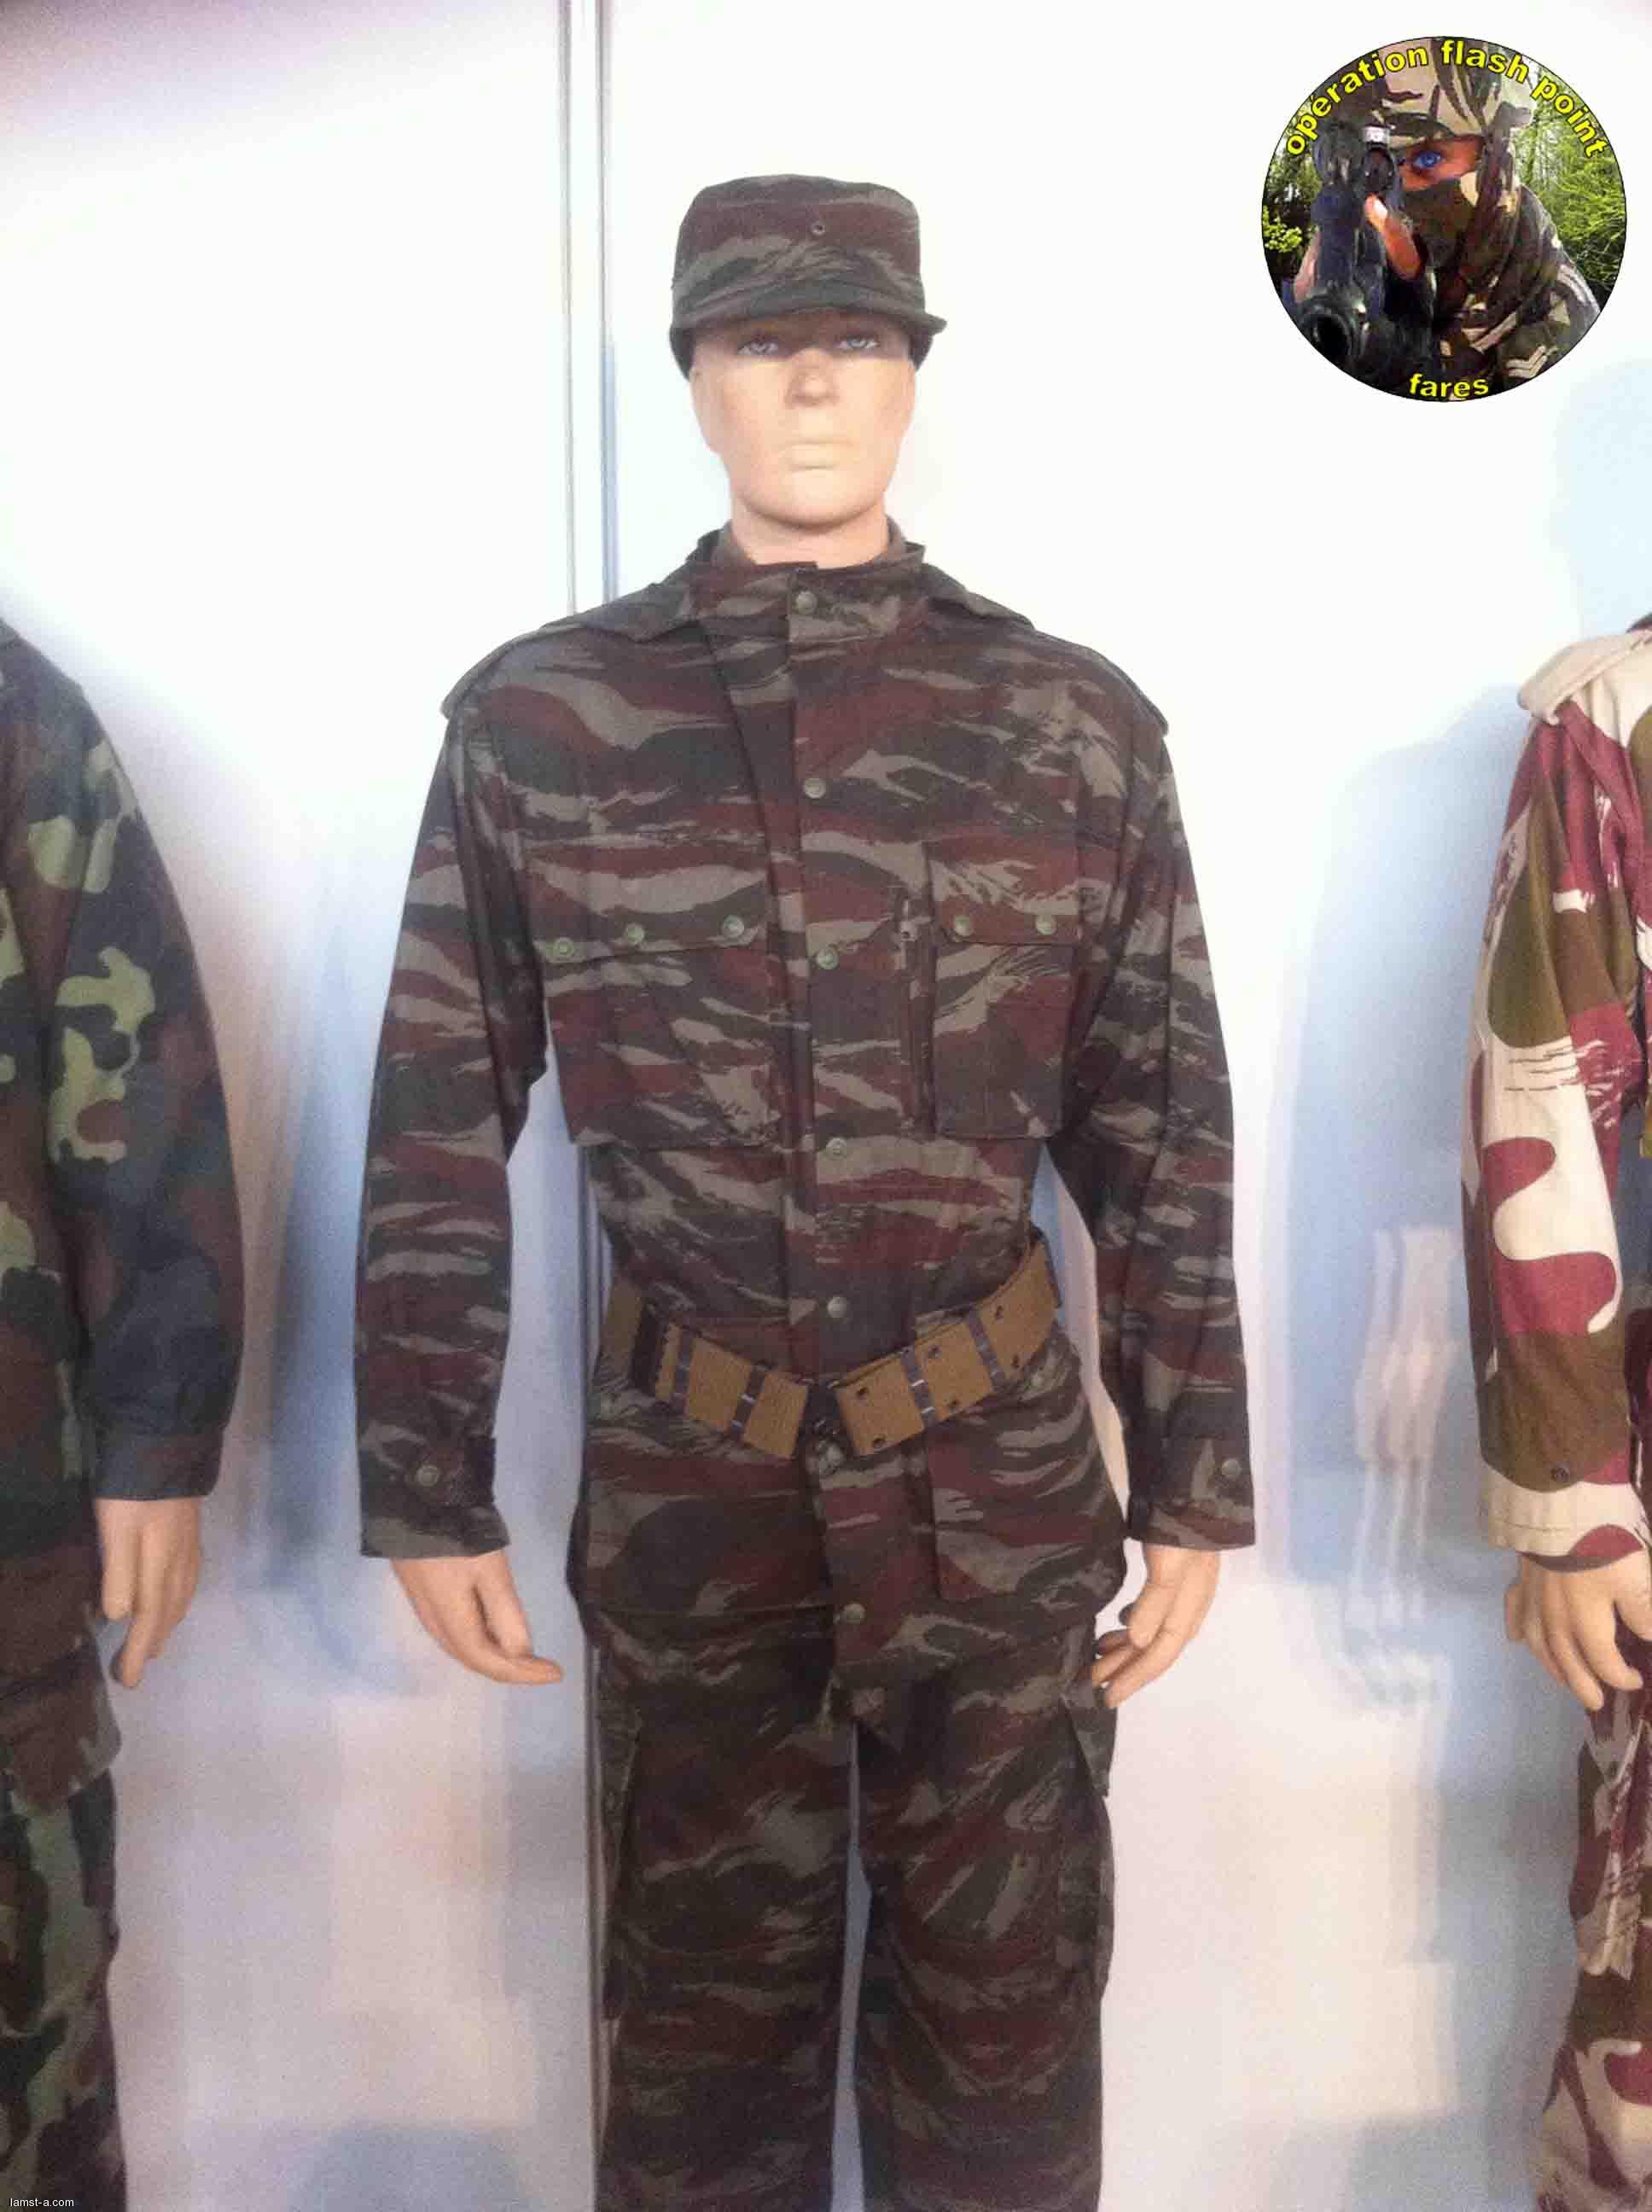 البذلات الجيش الوطني الشعبي الجزائري [ ANP / GN / DGSN / Douanes ]  - صفحة 4 27335485134_344f50d8c6_o